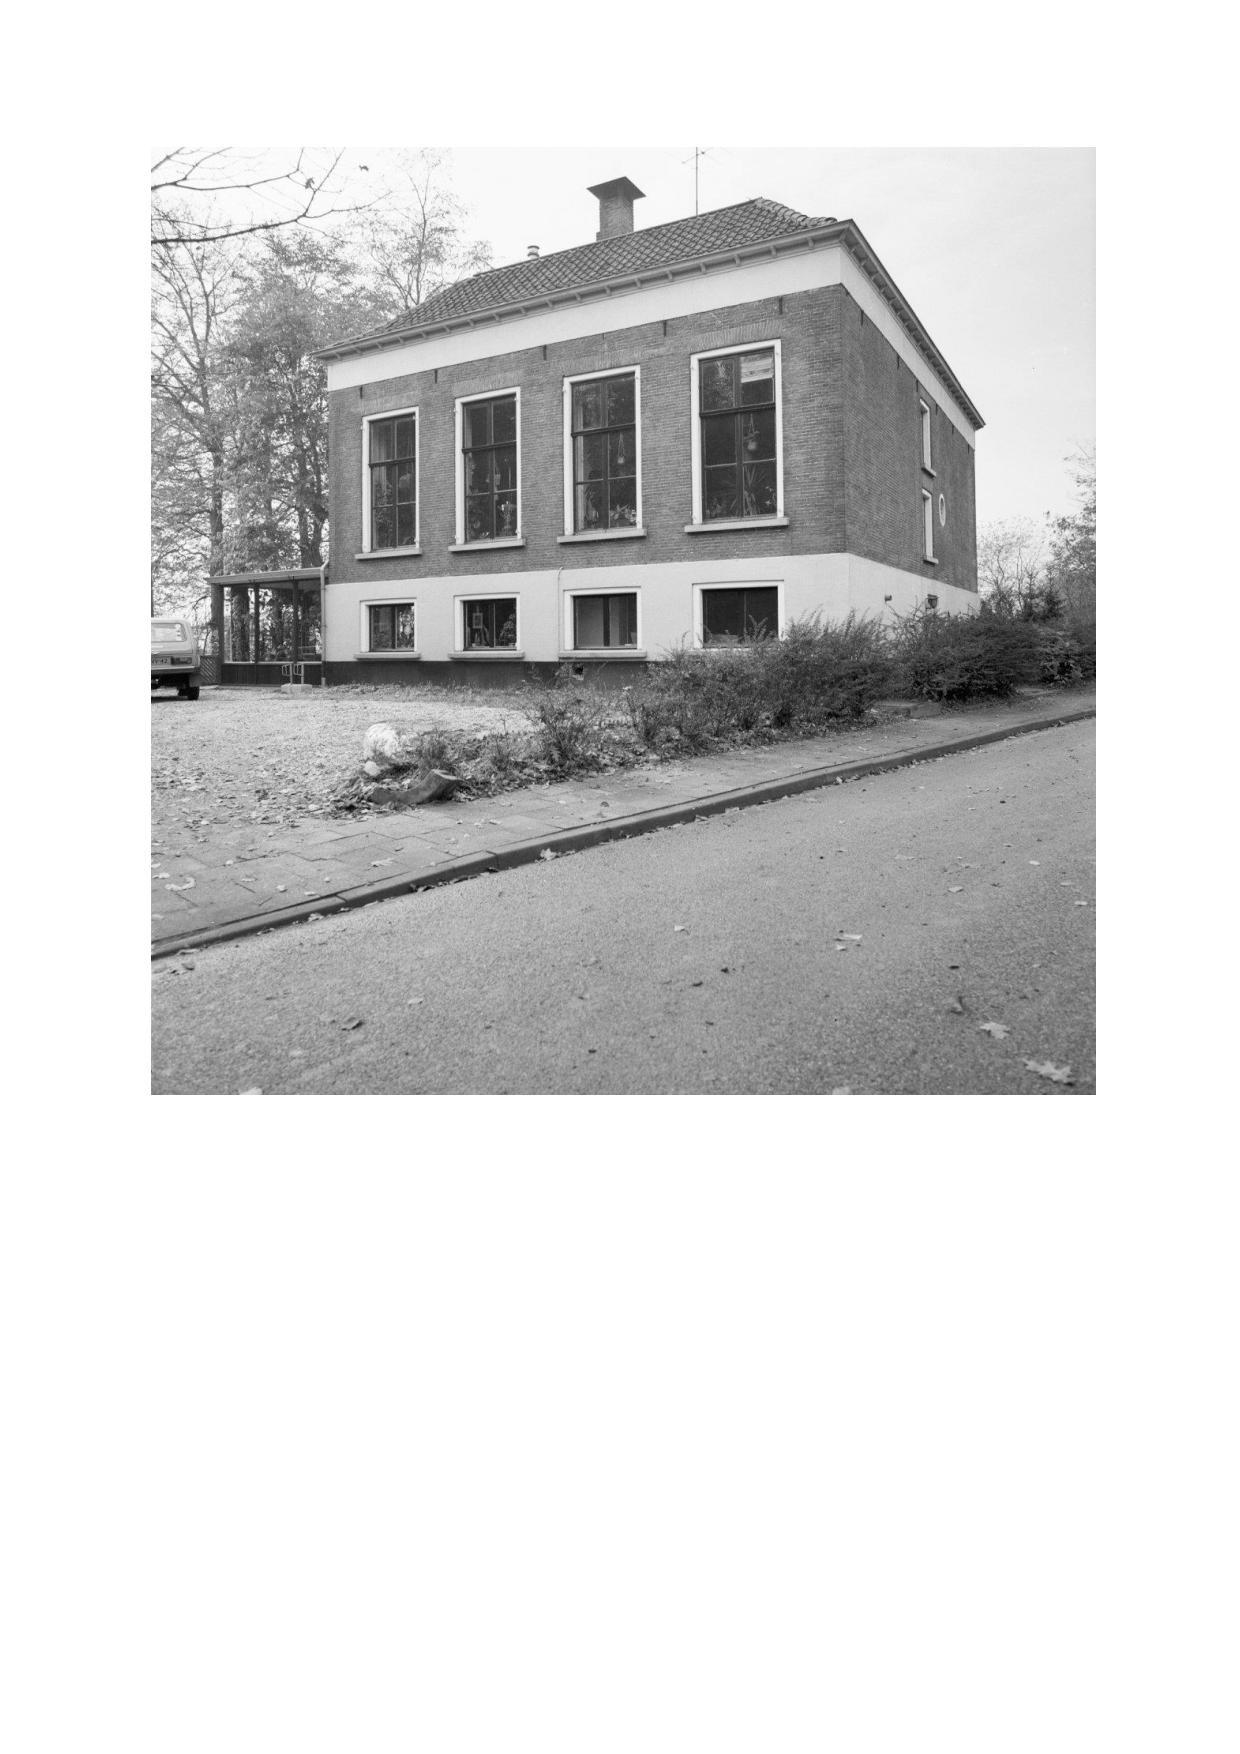 file foto oude huis rijksdienst rijksmonumenten wikimedia commons